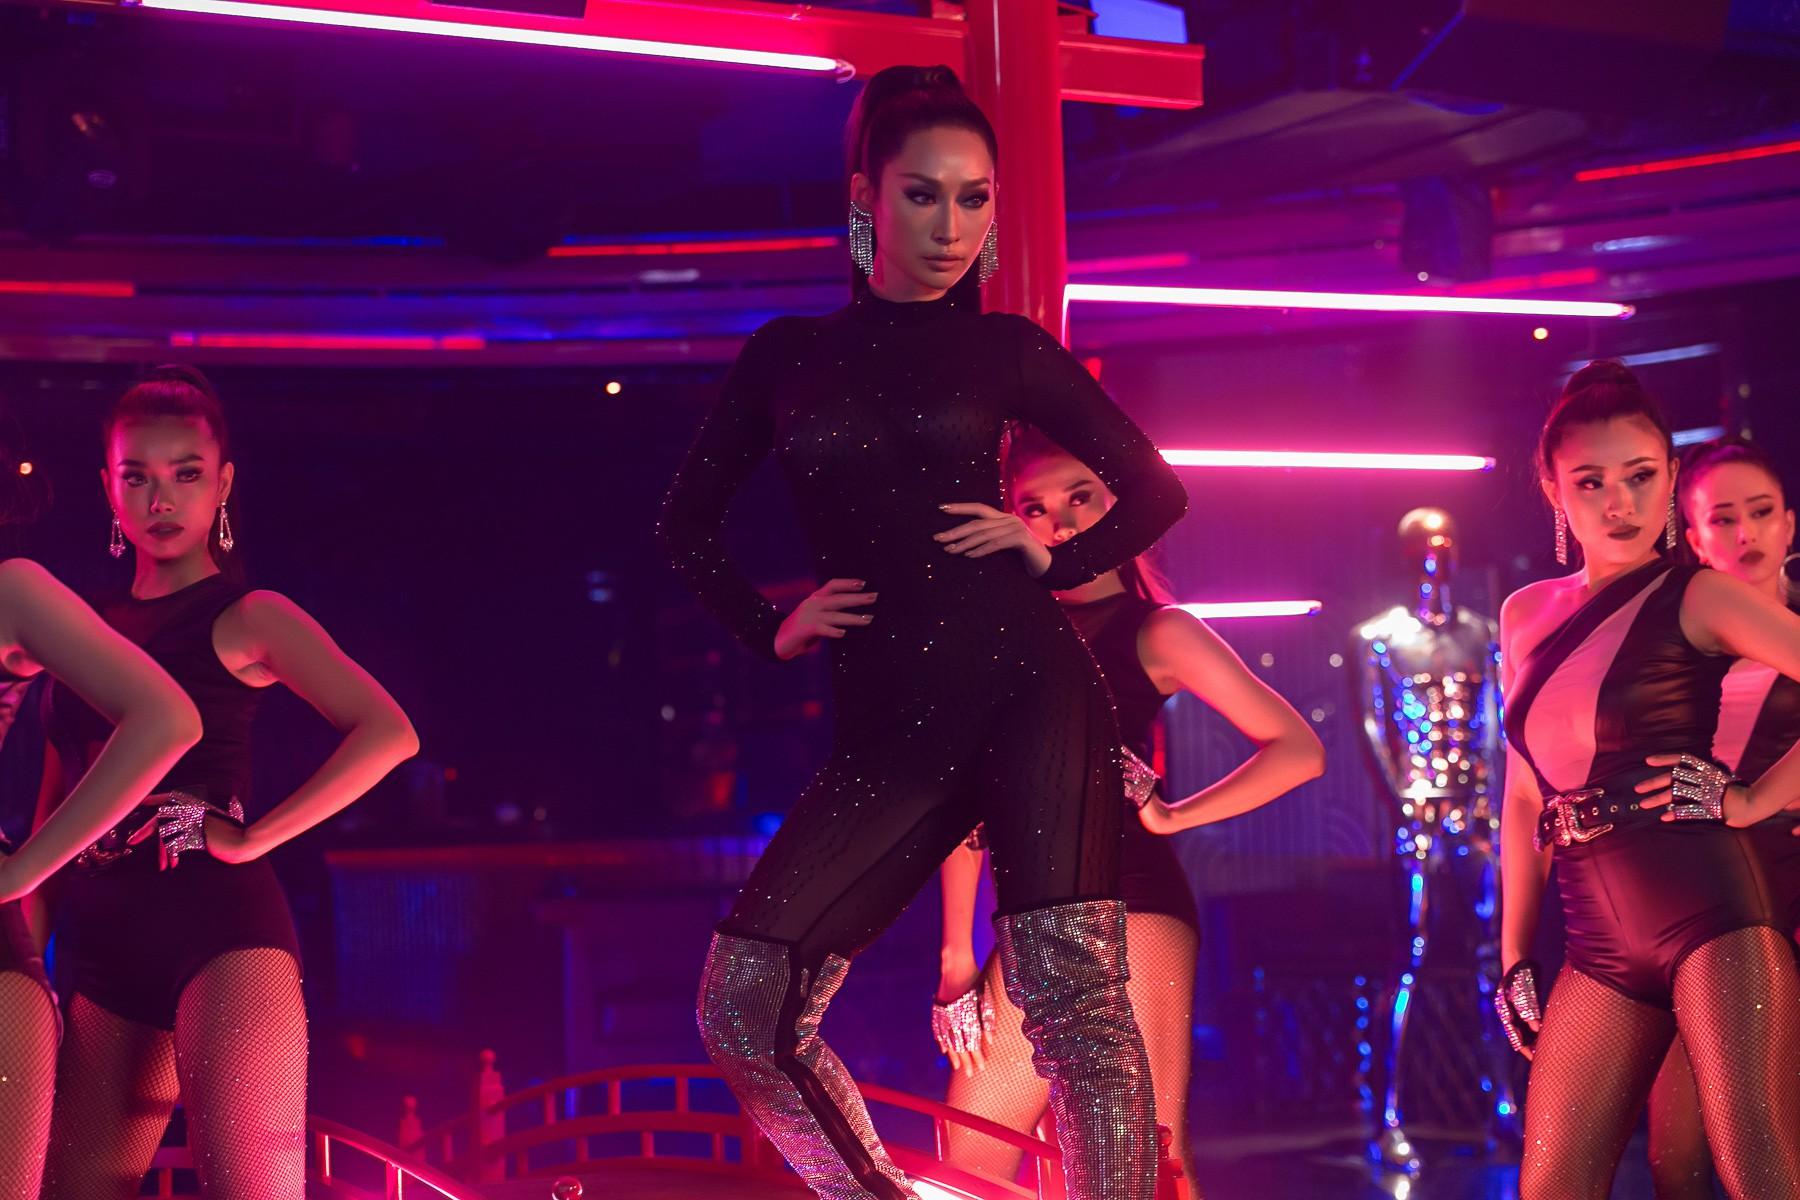 MV mới của Quỳnh Thy - High on your love đang nhận được nhiều phản ứng trái chiều từ khán giả